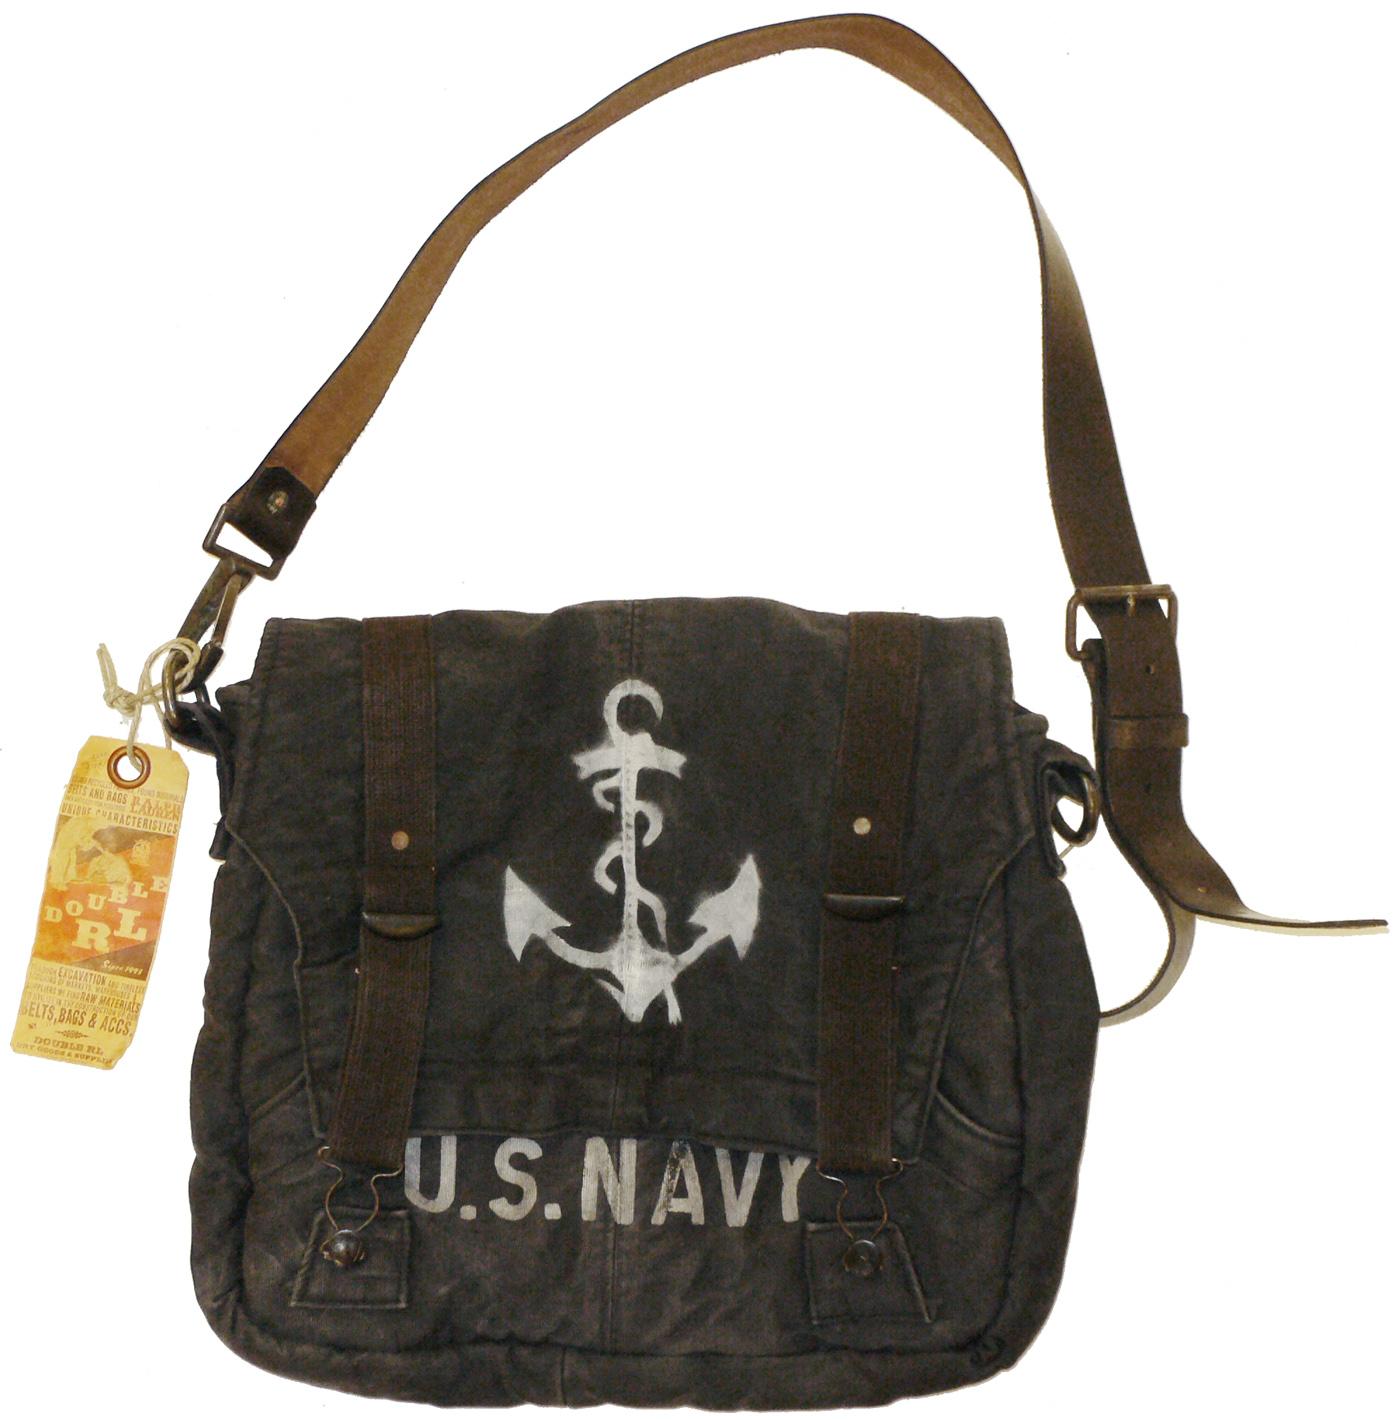 Naval Bag 1.jpg